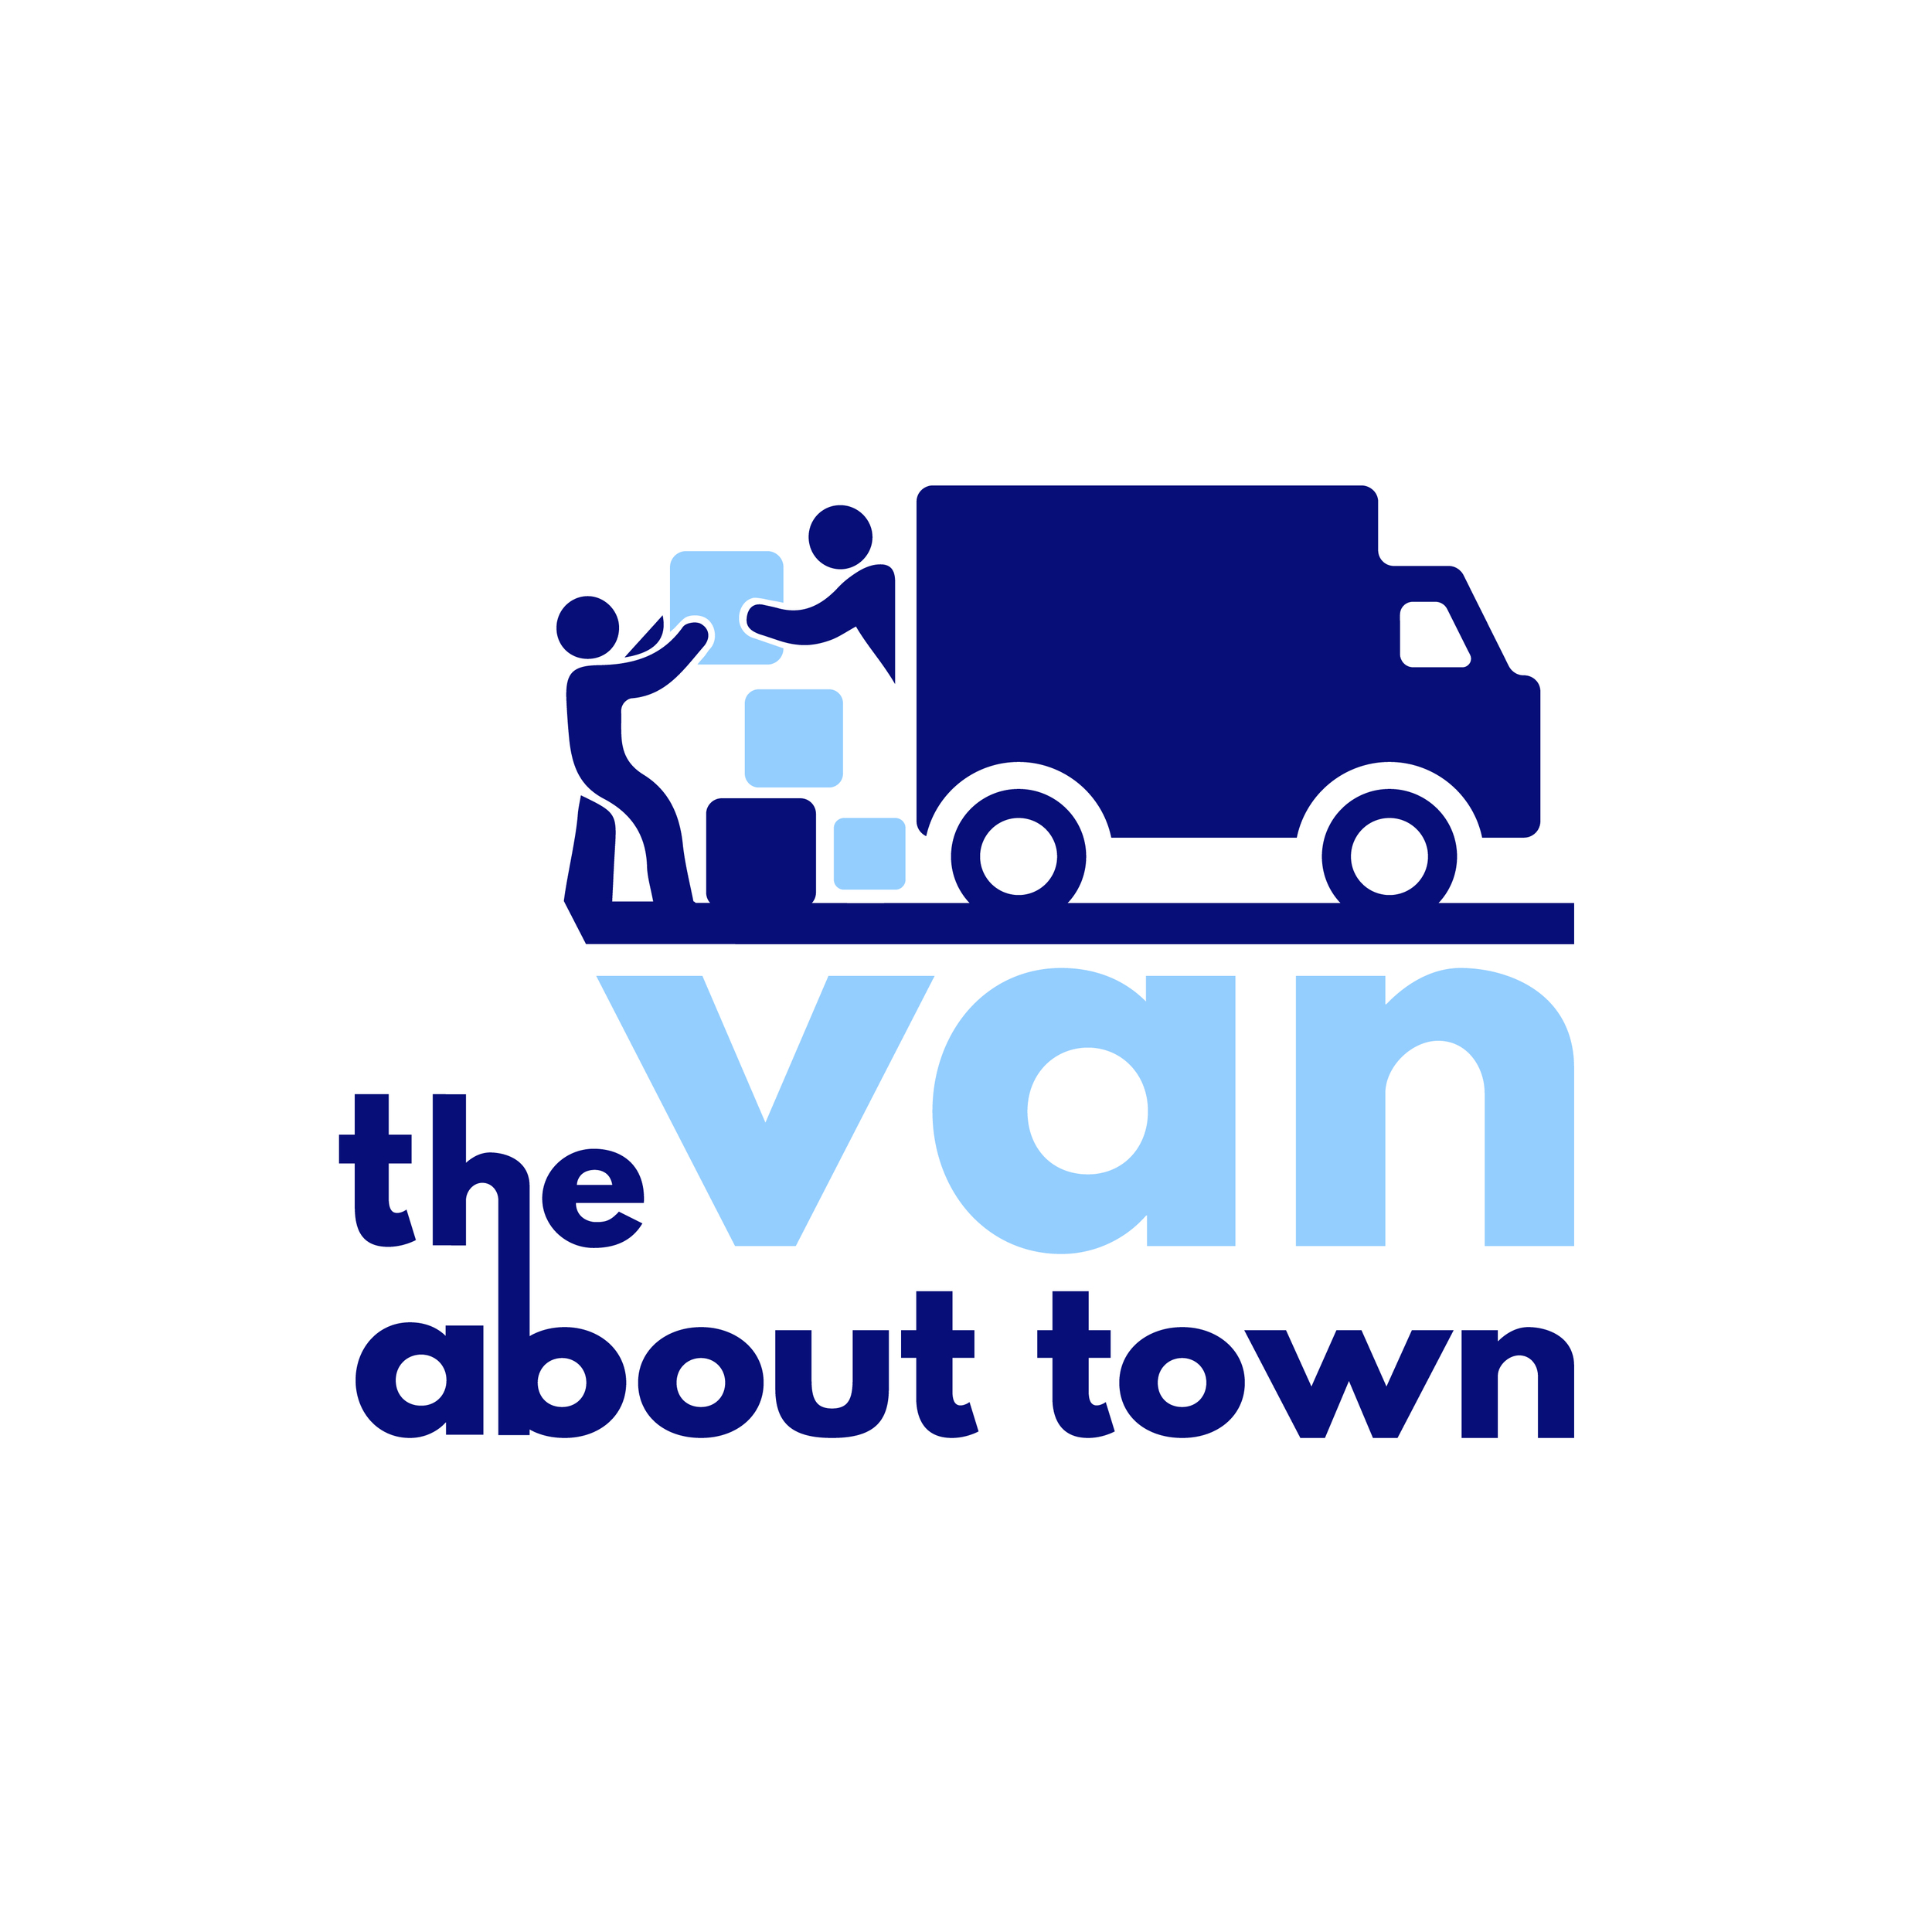 Van about town logo design (Final)2.jpg